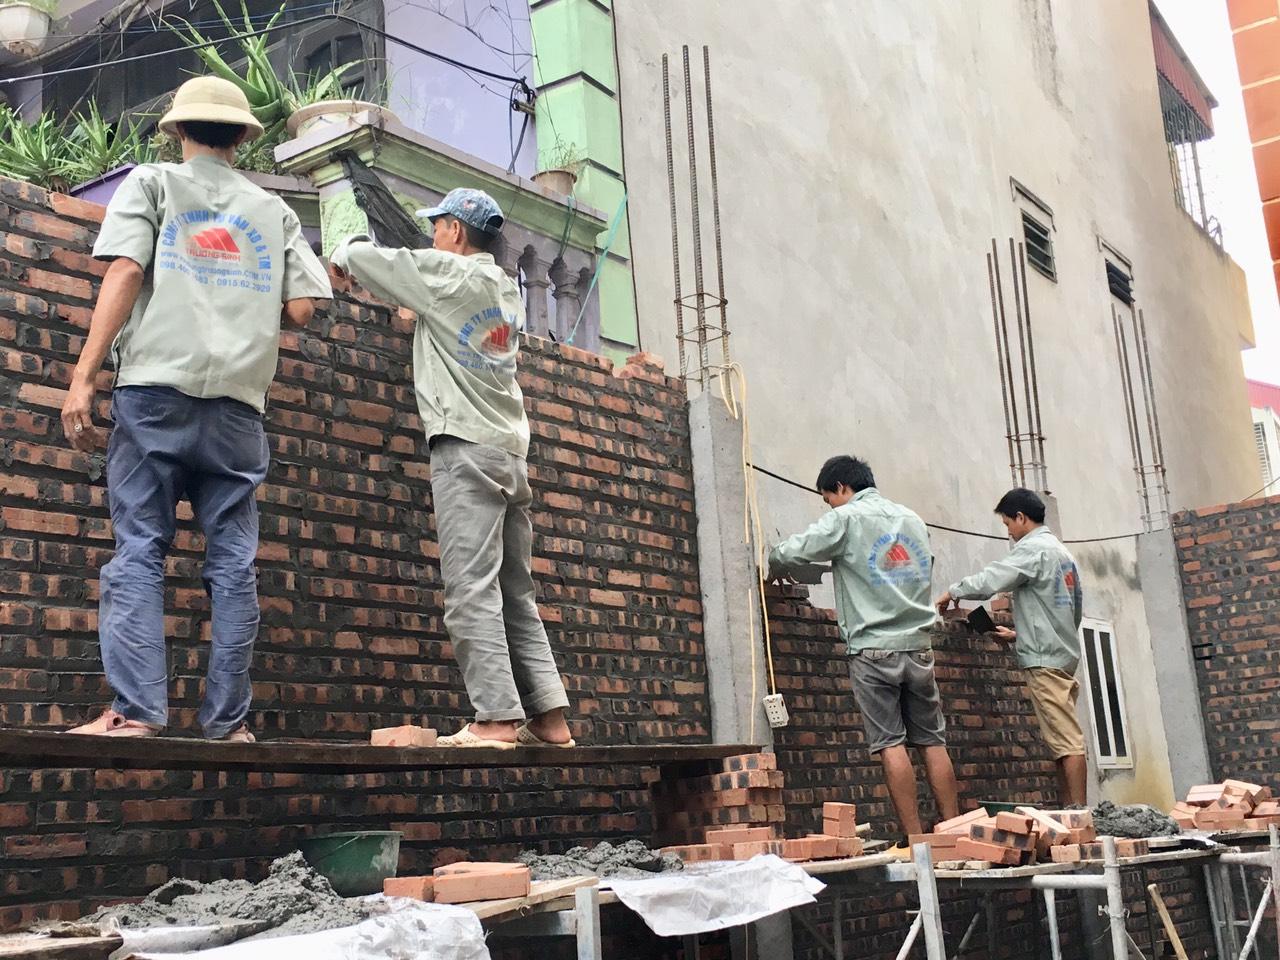 Báo giá xây nhà trọn gói năm 2020 tại quận Tây Hồ, Hà Nội-2